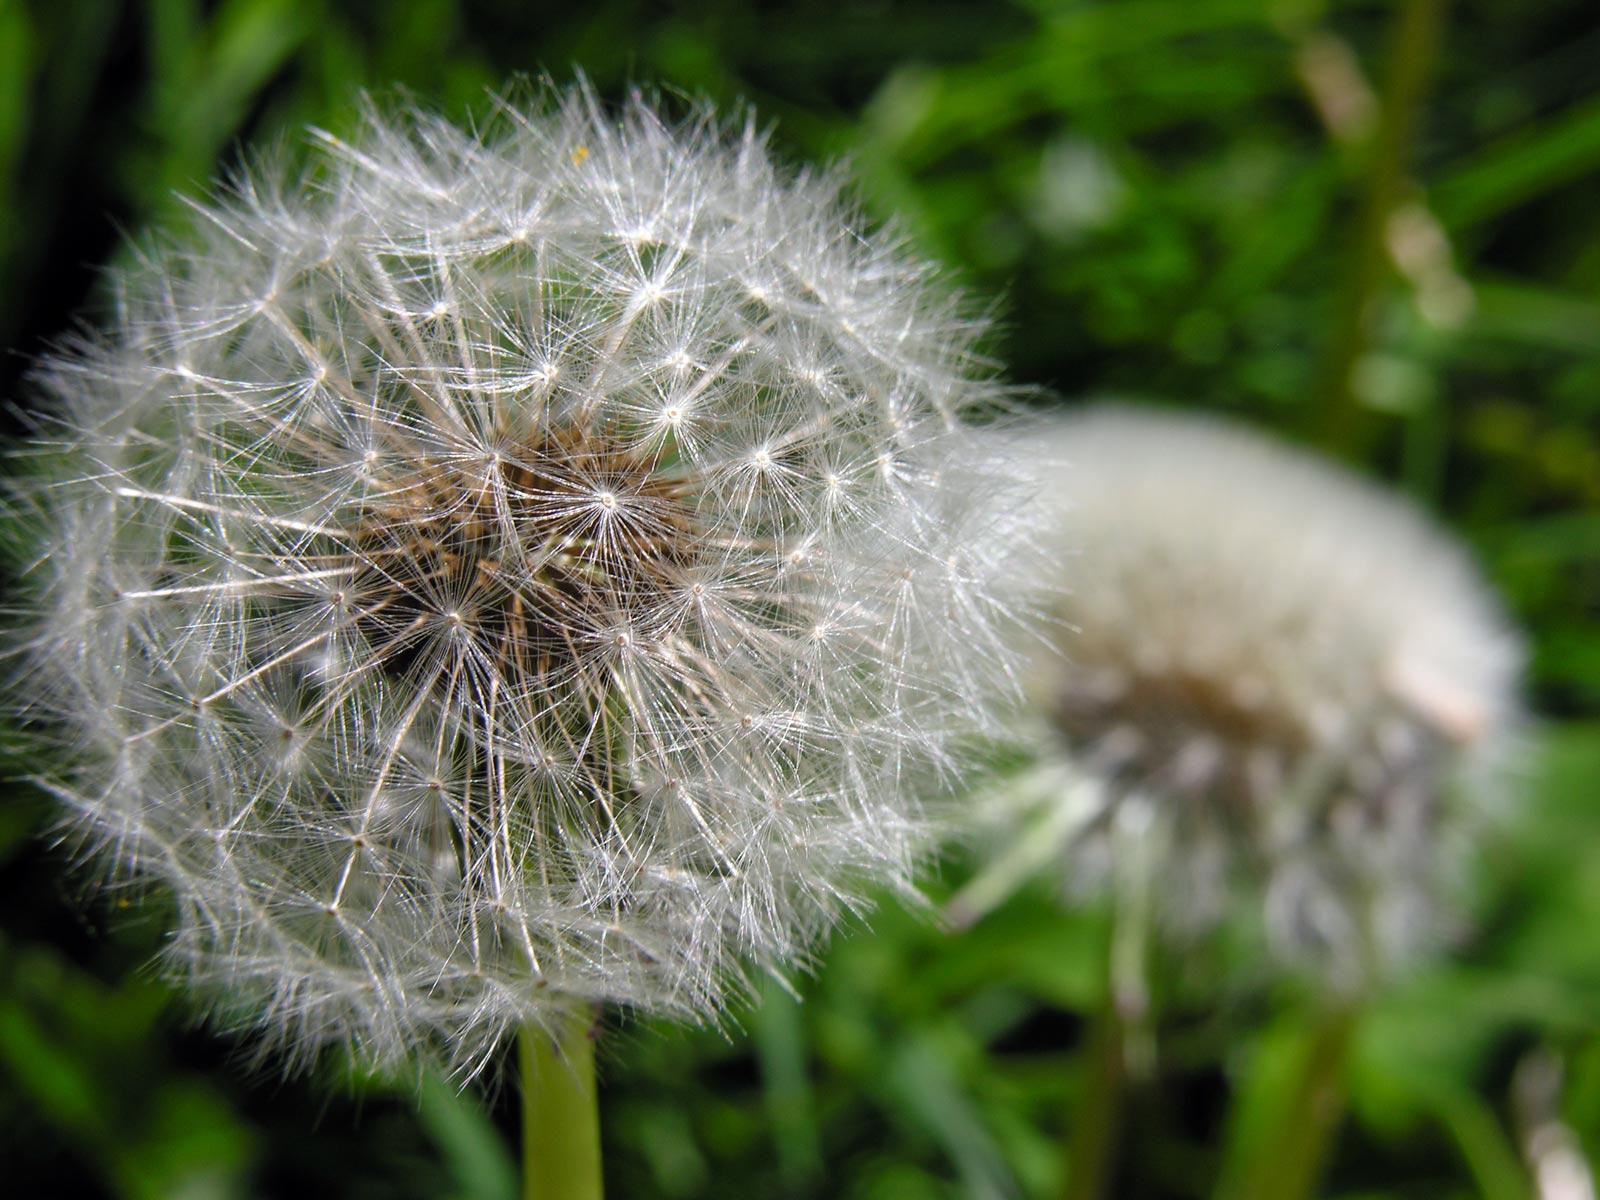 Dandelions By Deborah Austin